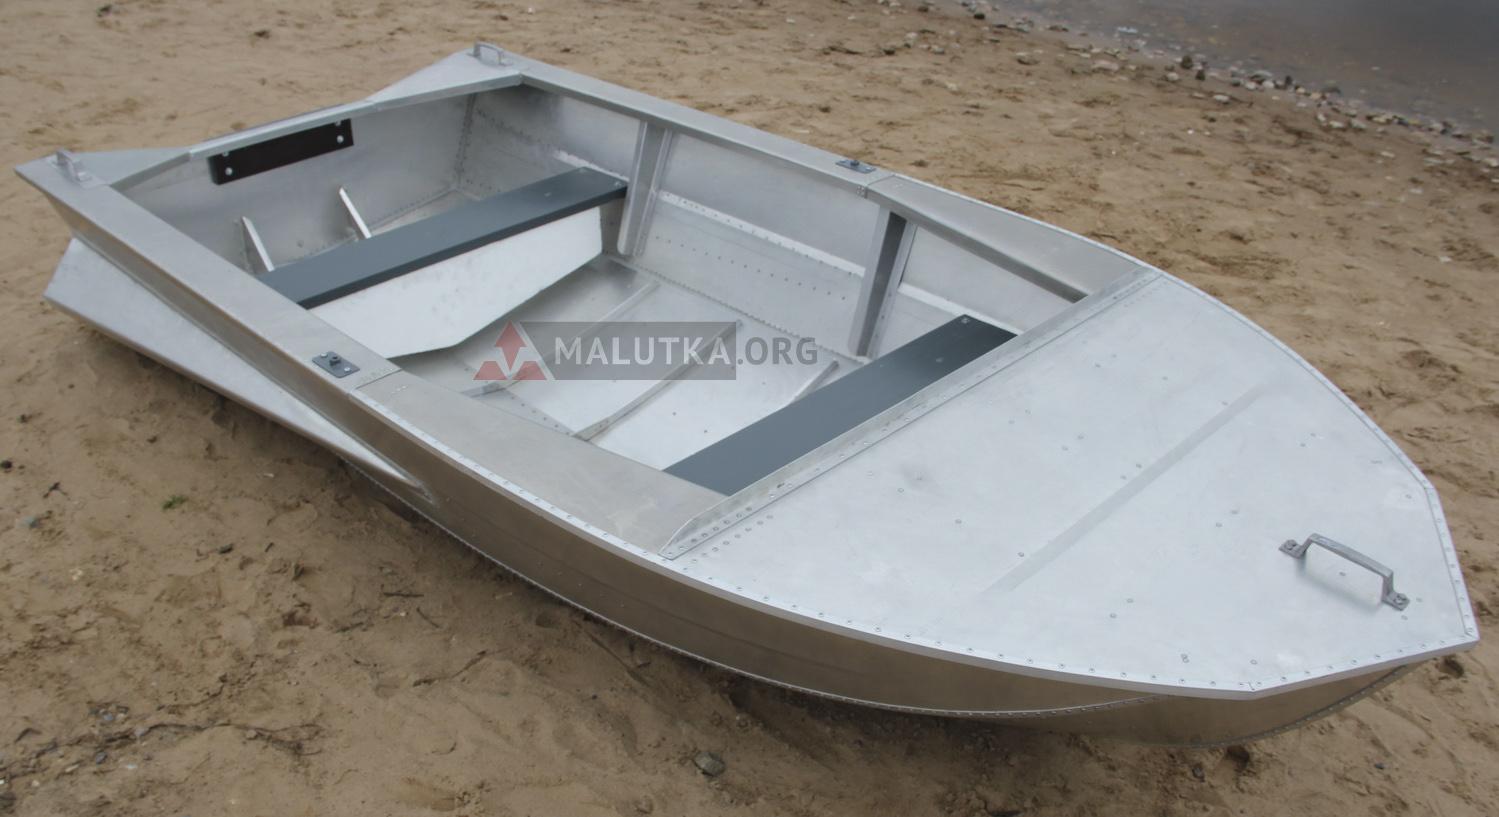 изготовление булей для лодки